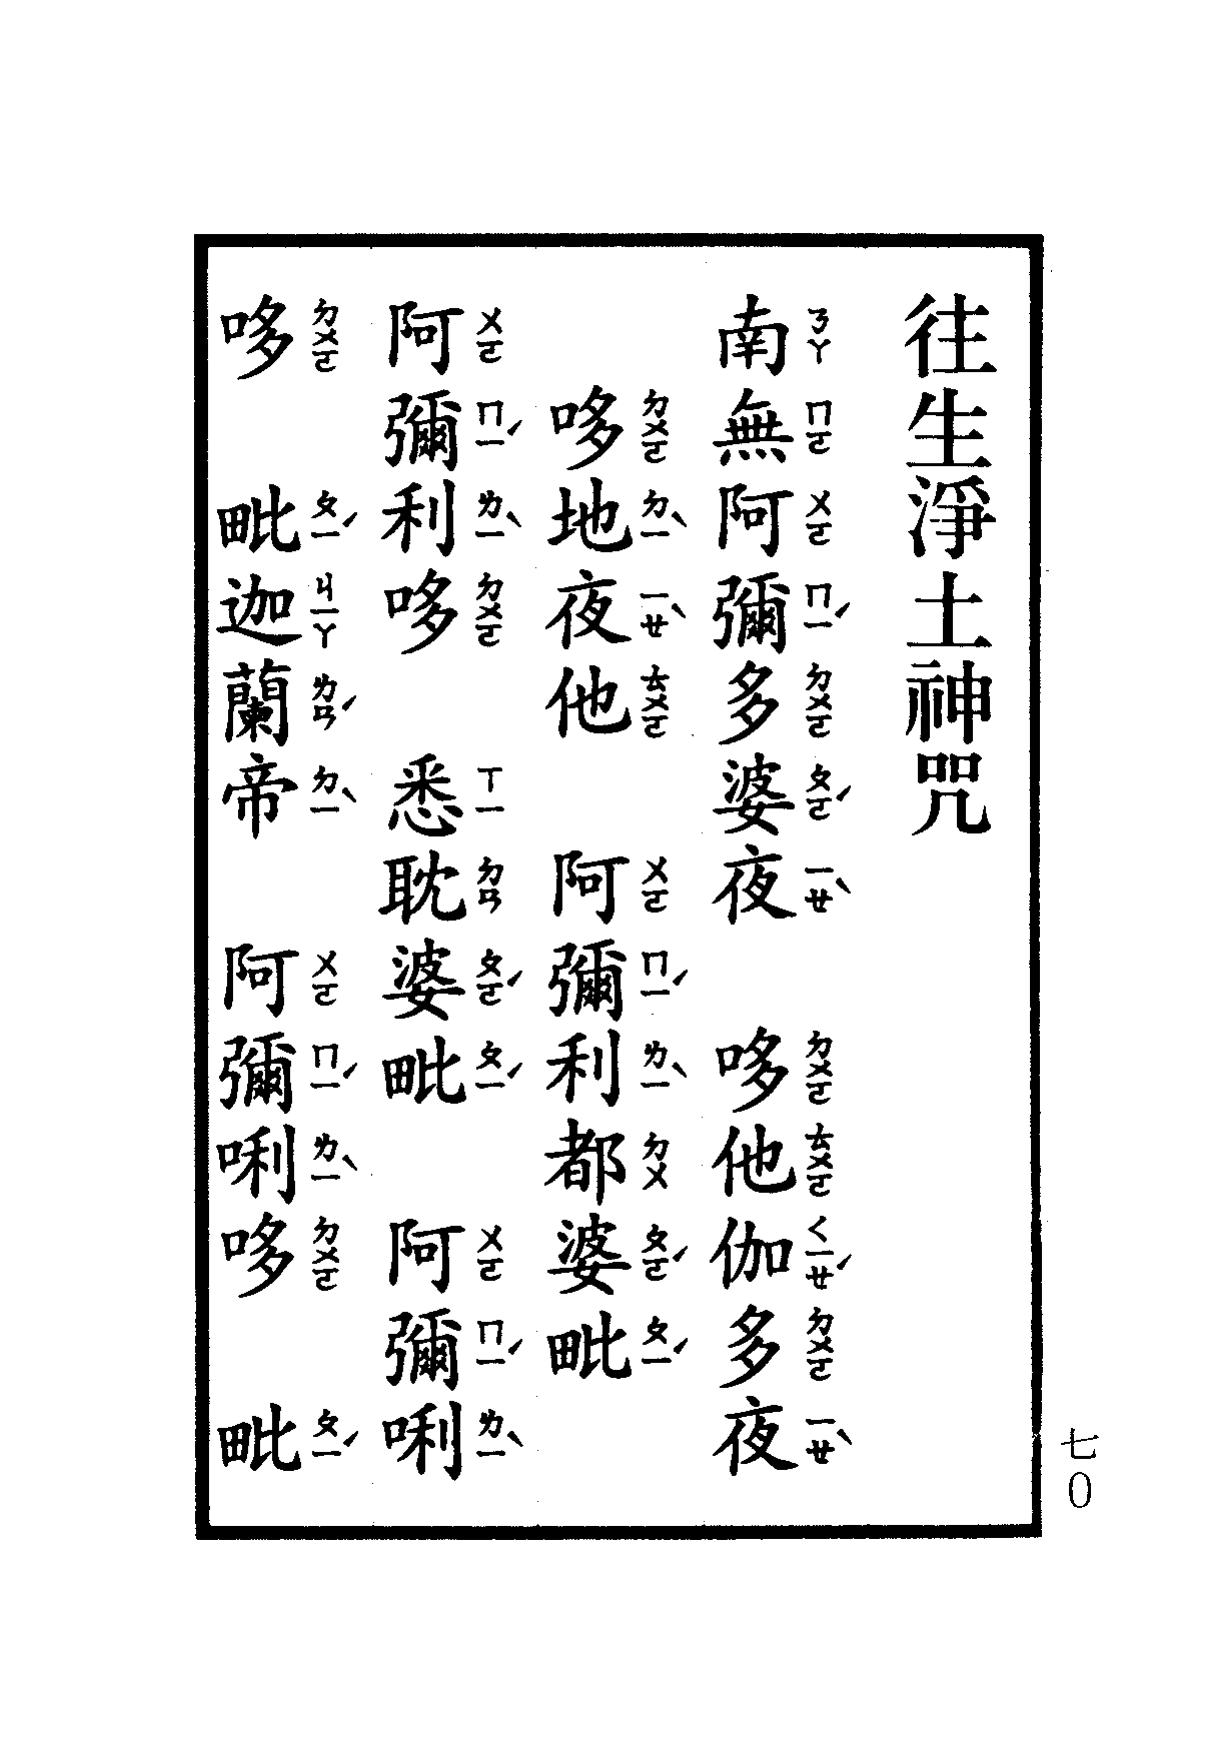 楞嚴咒-大悲咒-十小咒-易背本 76.png